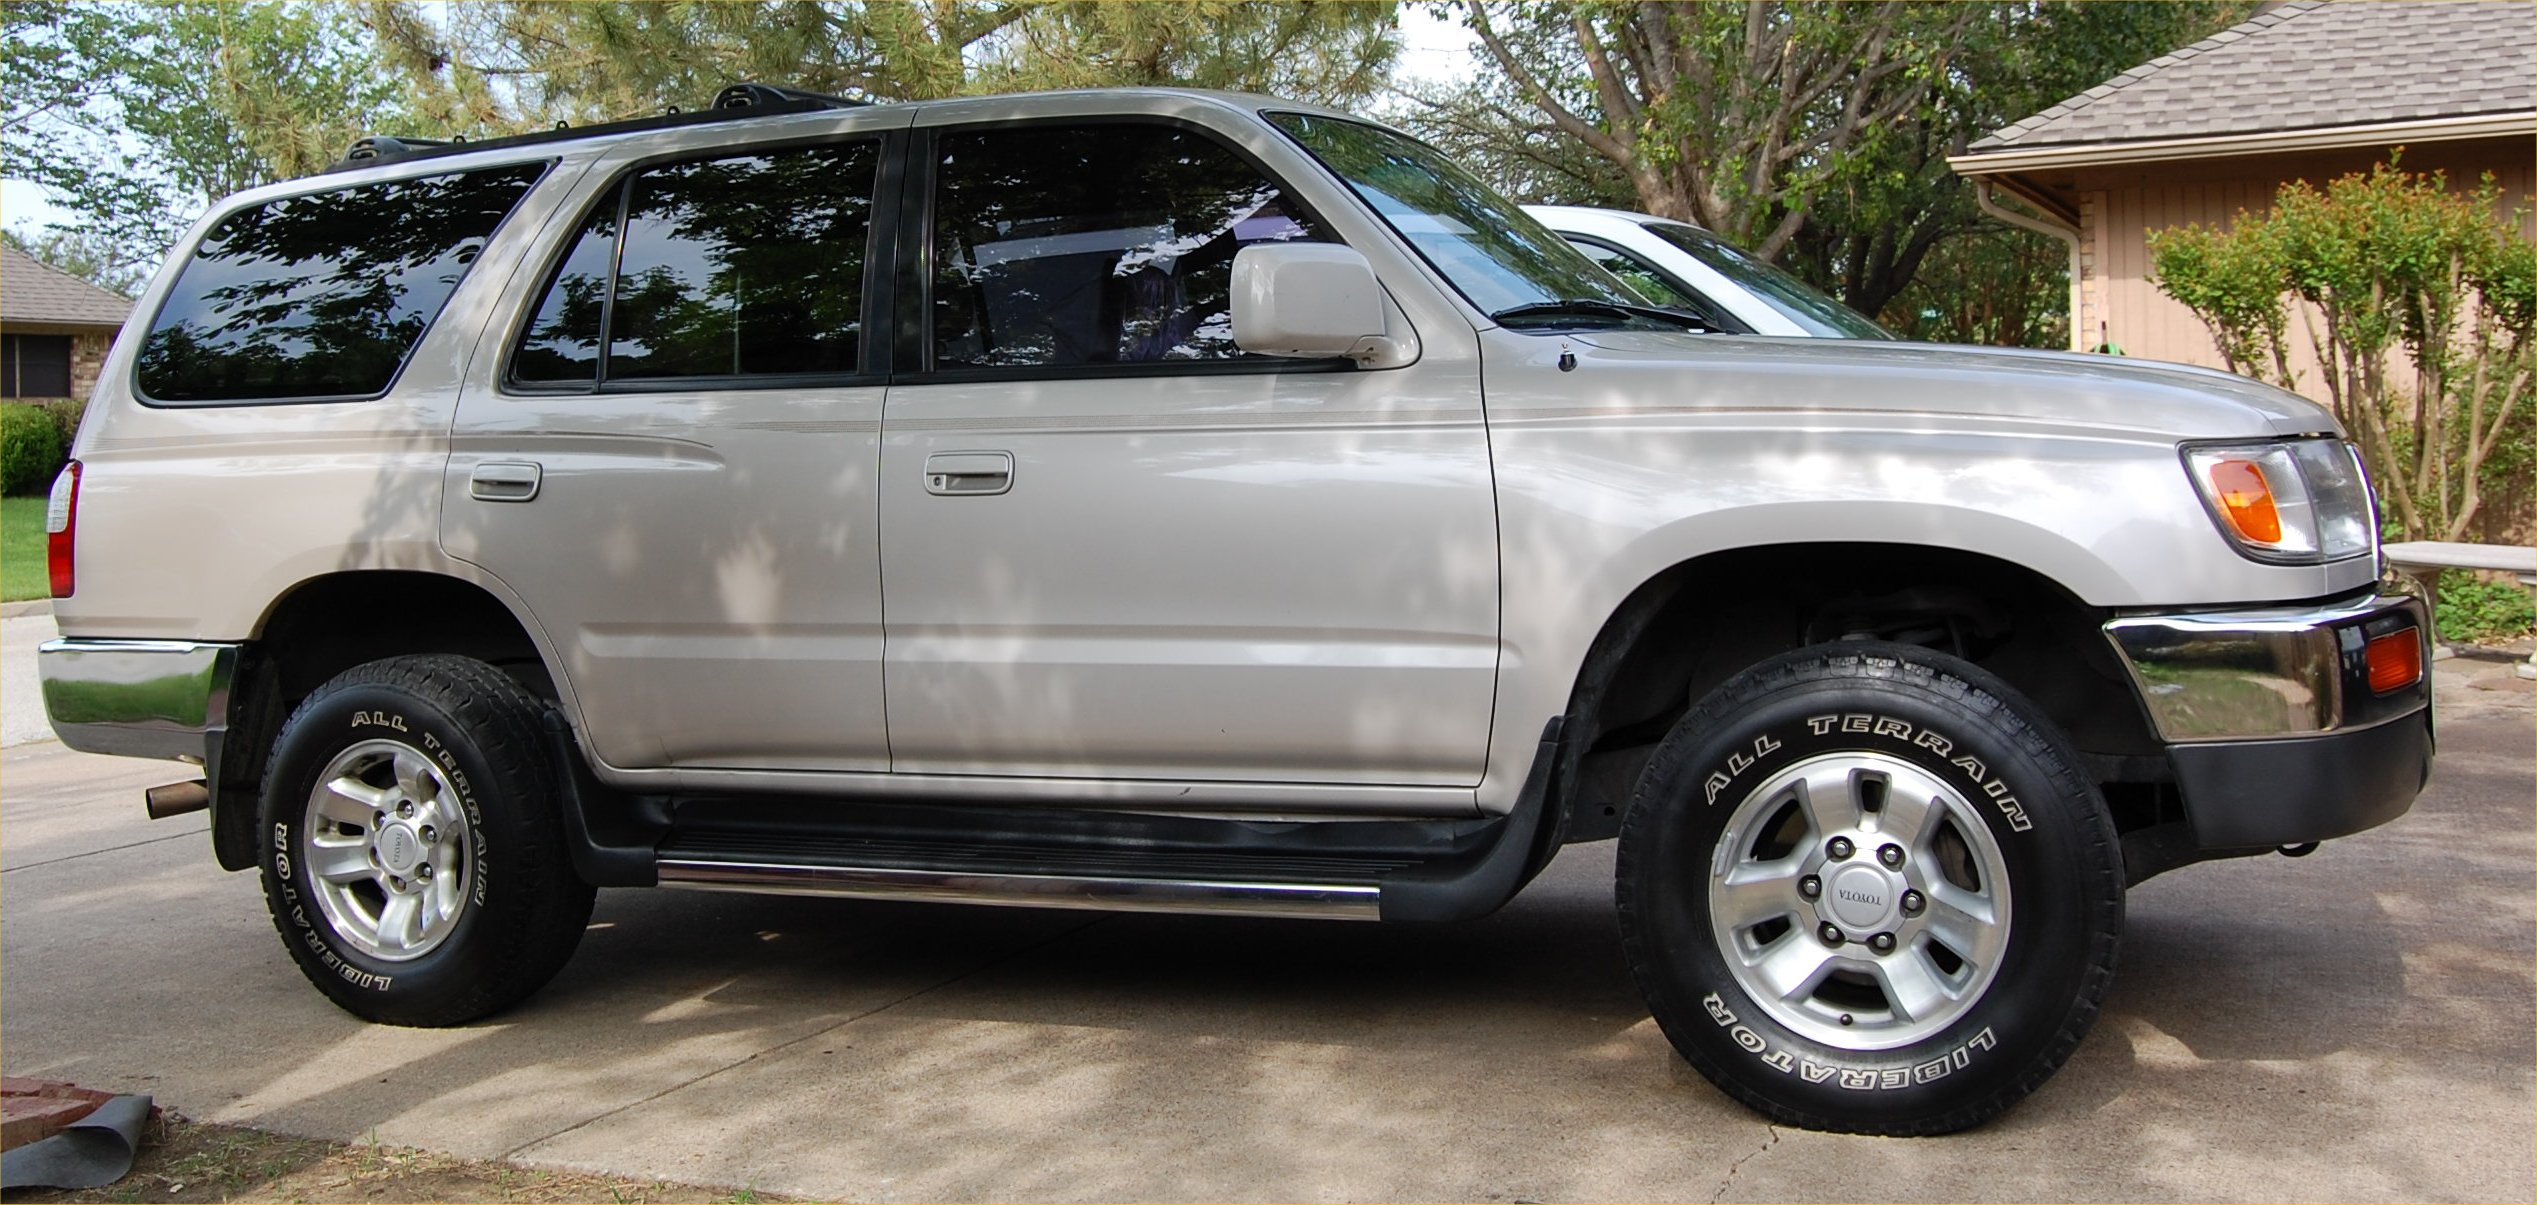 Jims old Toyota 4Runner